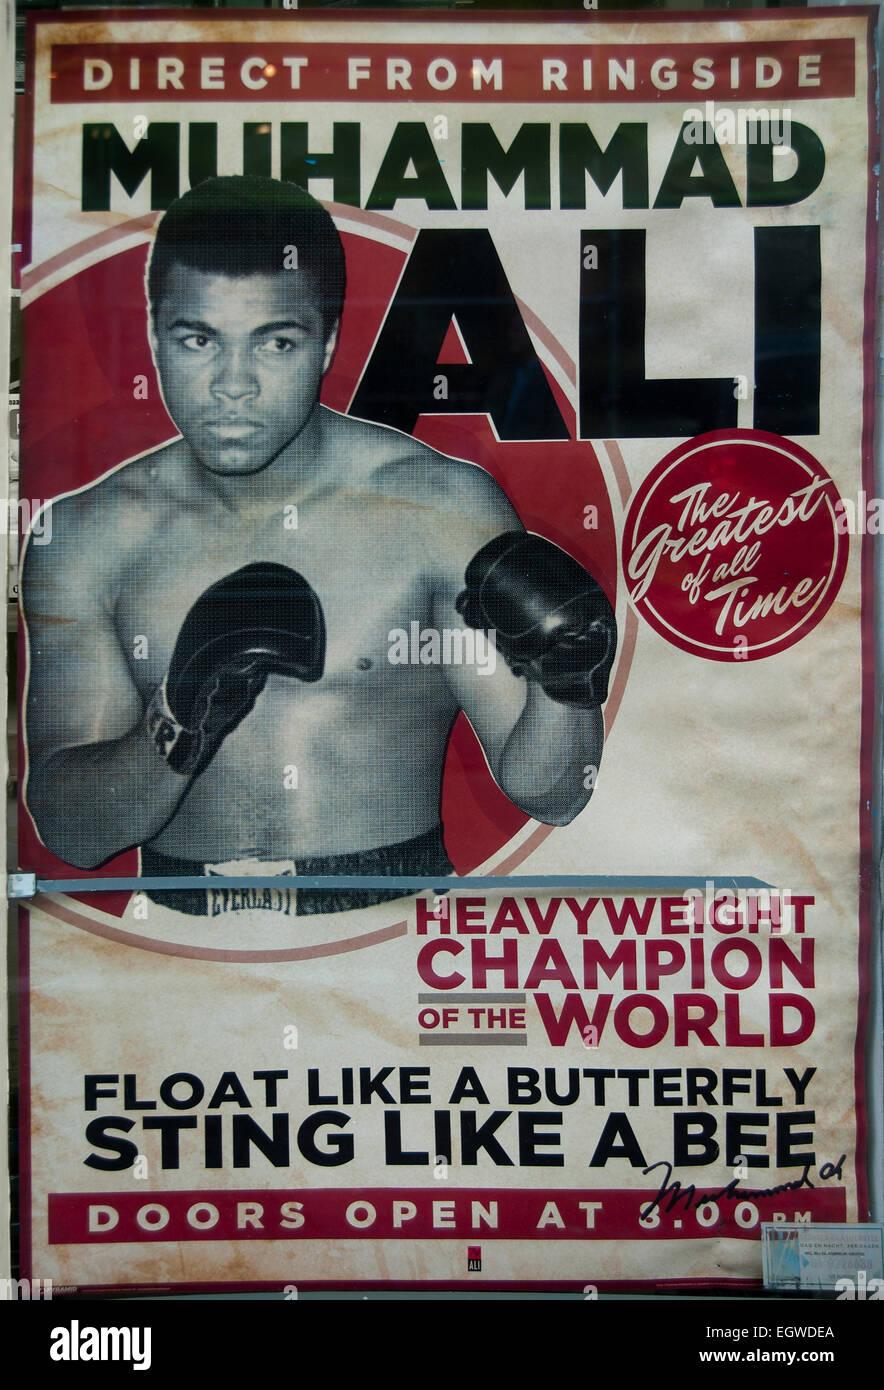 Boxeo, Muhammad Ali, boxeador campeón de peso pesado mundial ( directo desde el ringside ) Imagen De Stock